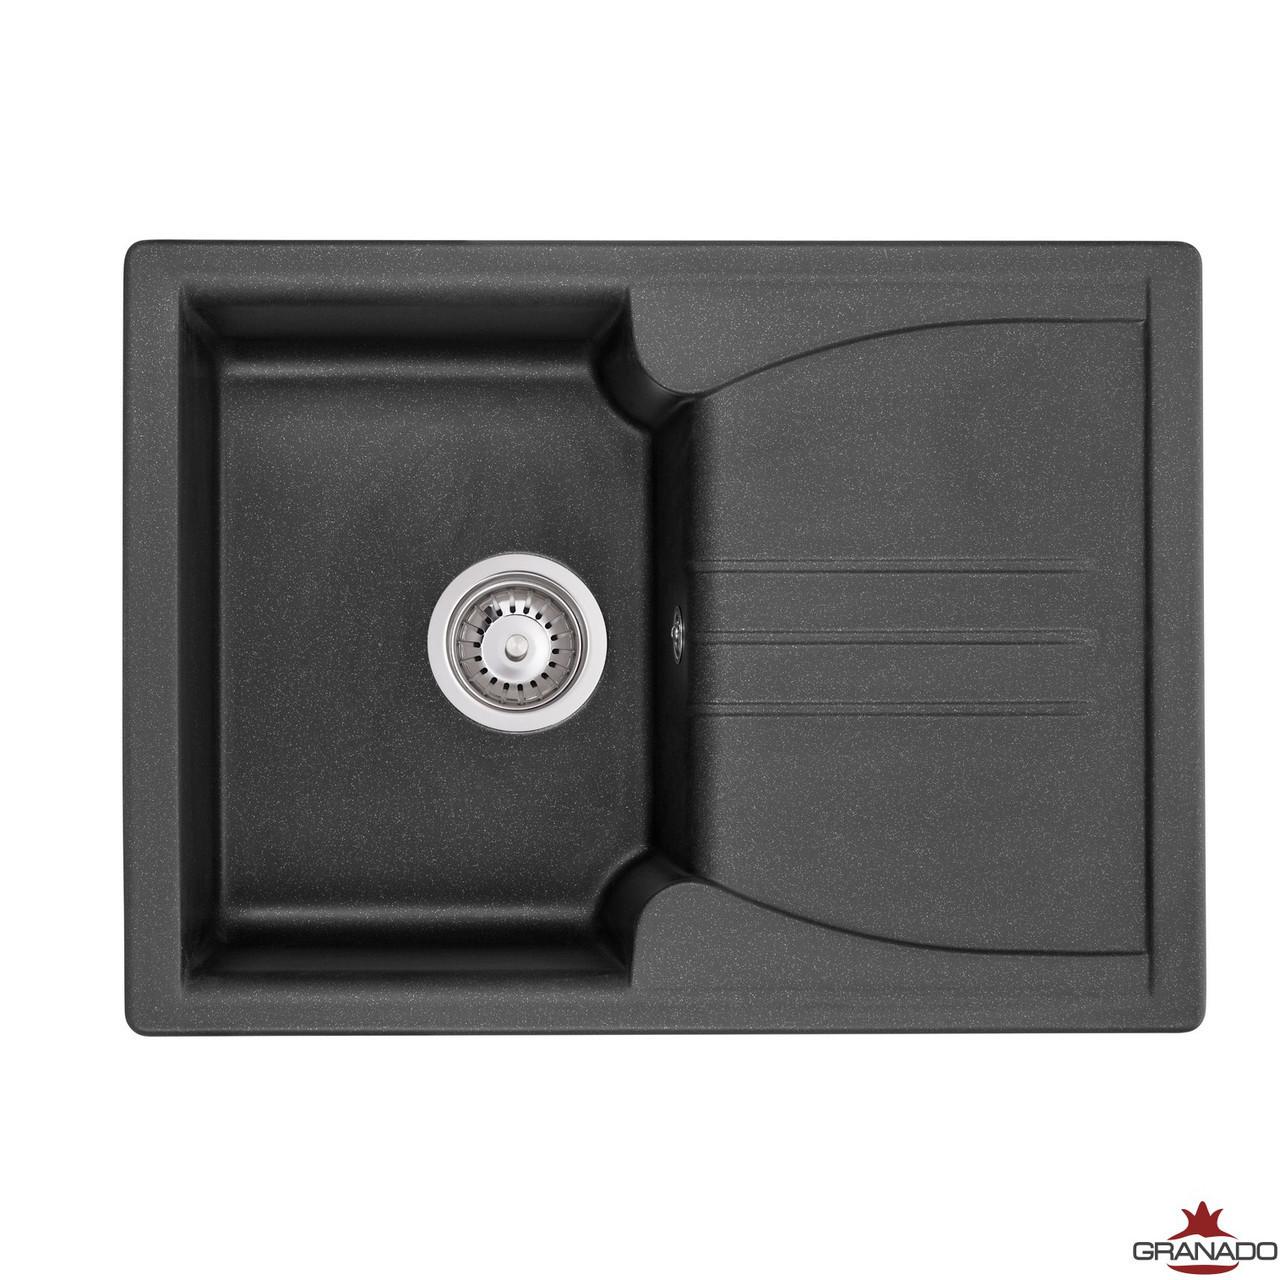 Кухонная мойка ГРАНИТ с евросифоном 68*50 см Granado Salamanka black shine 0601